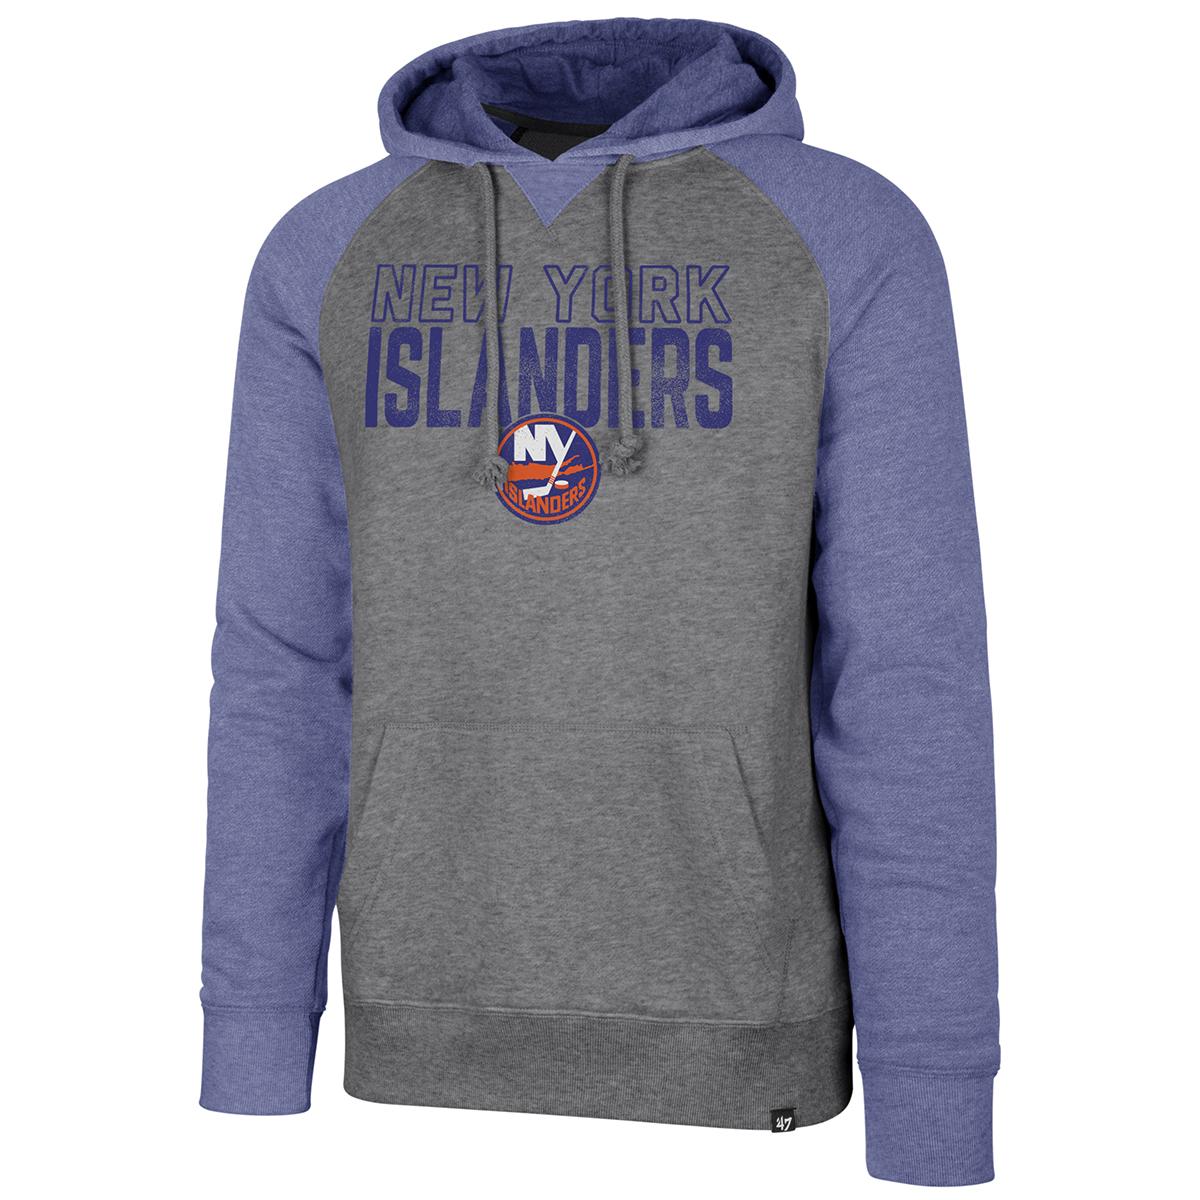 New York Islanders Men's '47 Match Raglan Pullover Hoodie - Black, L